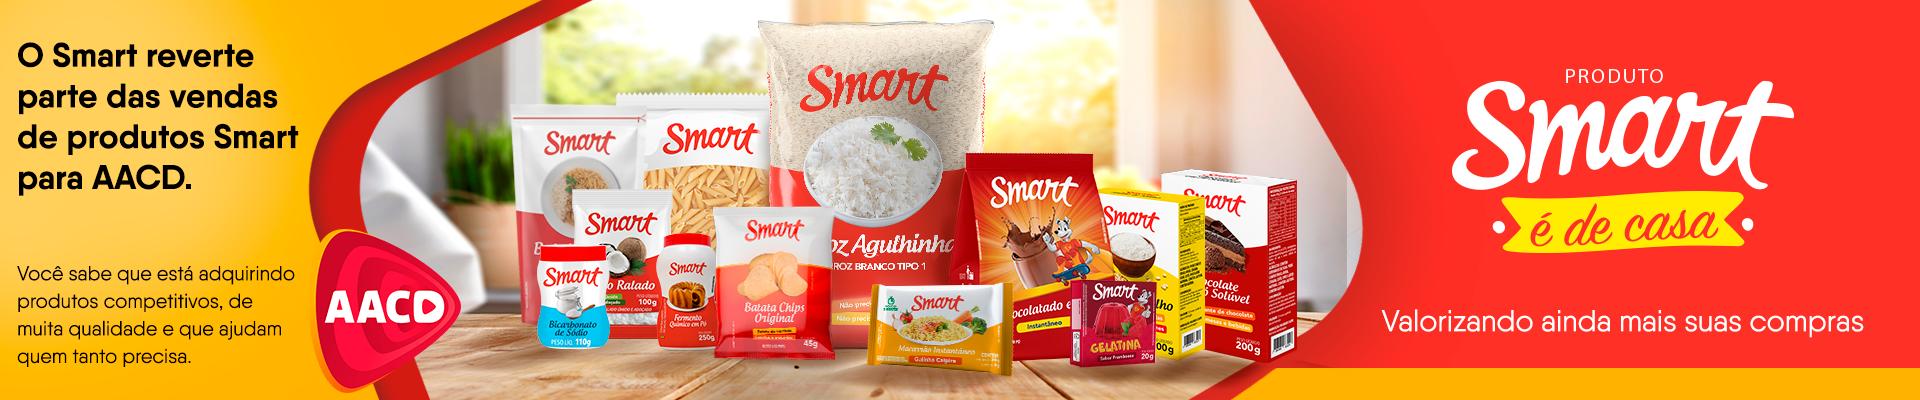 Produtos Smart_banner